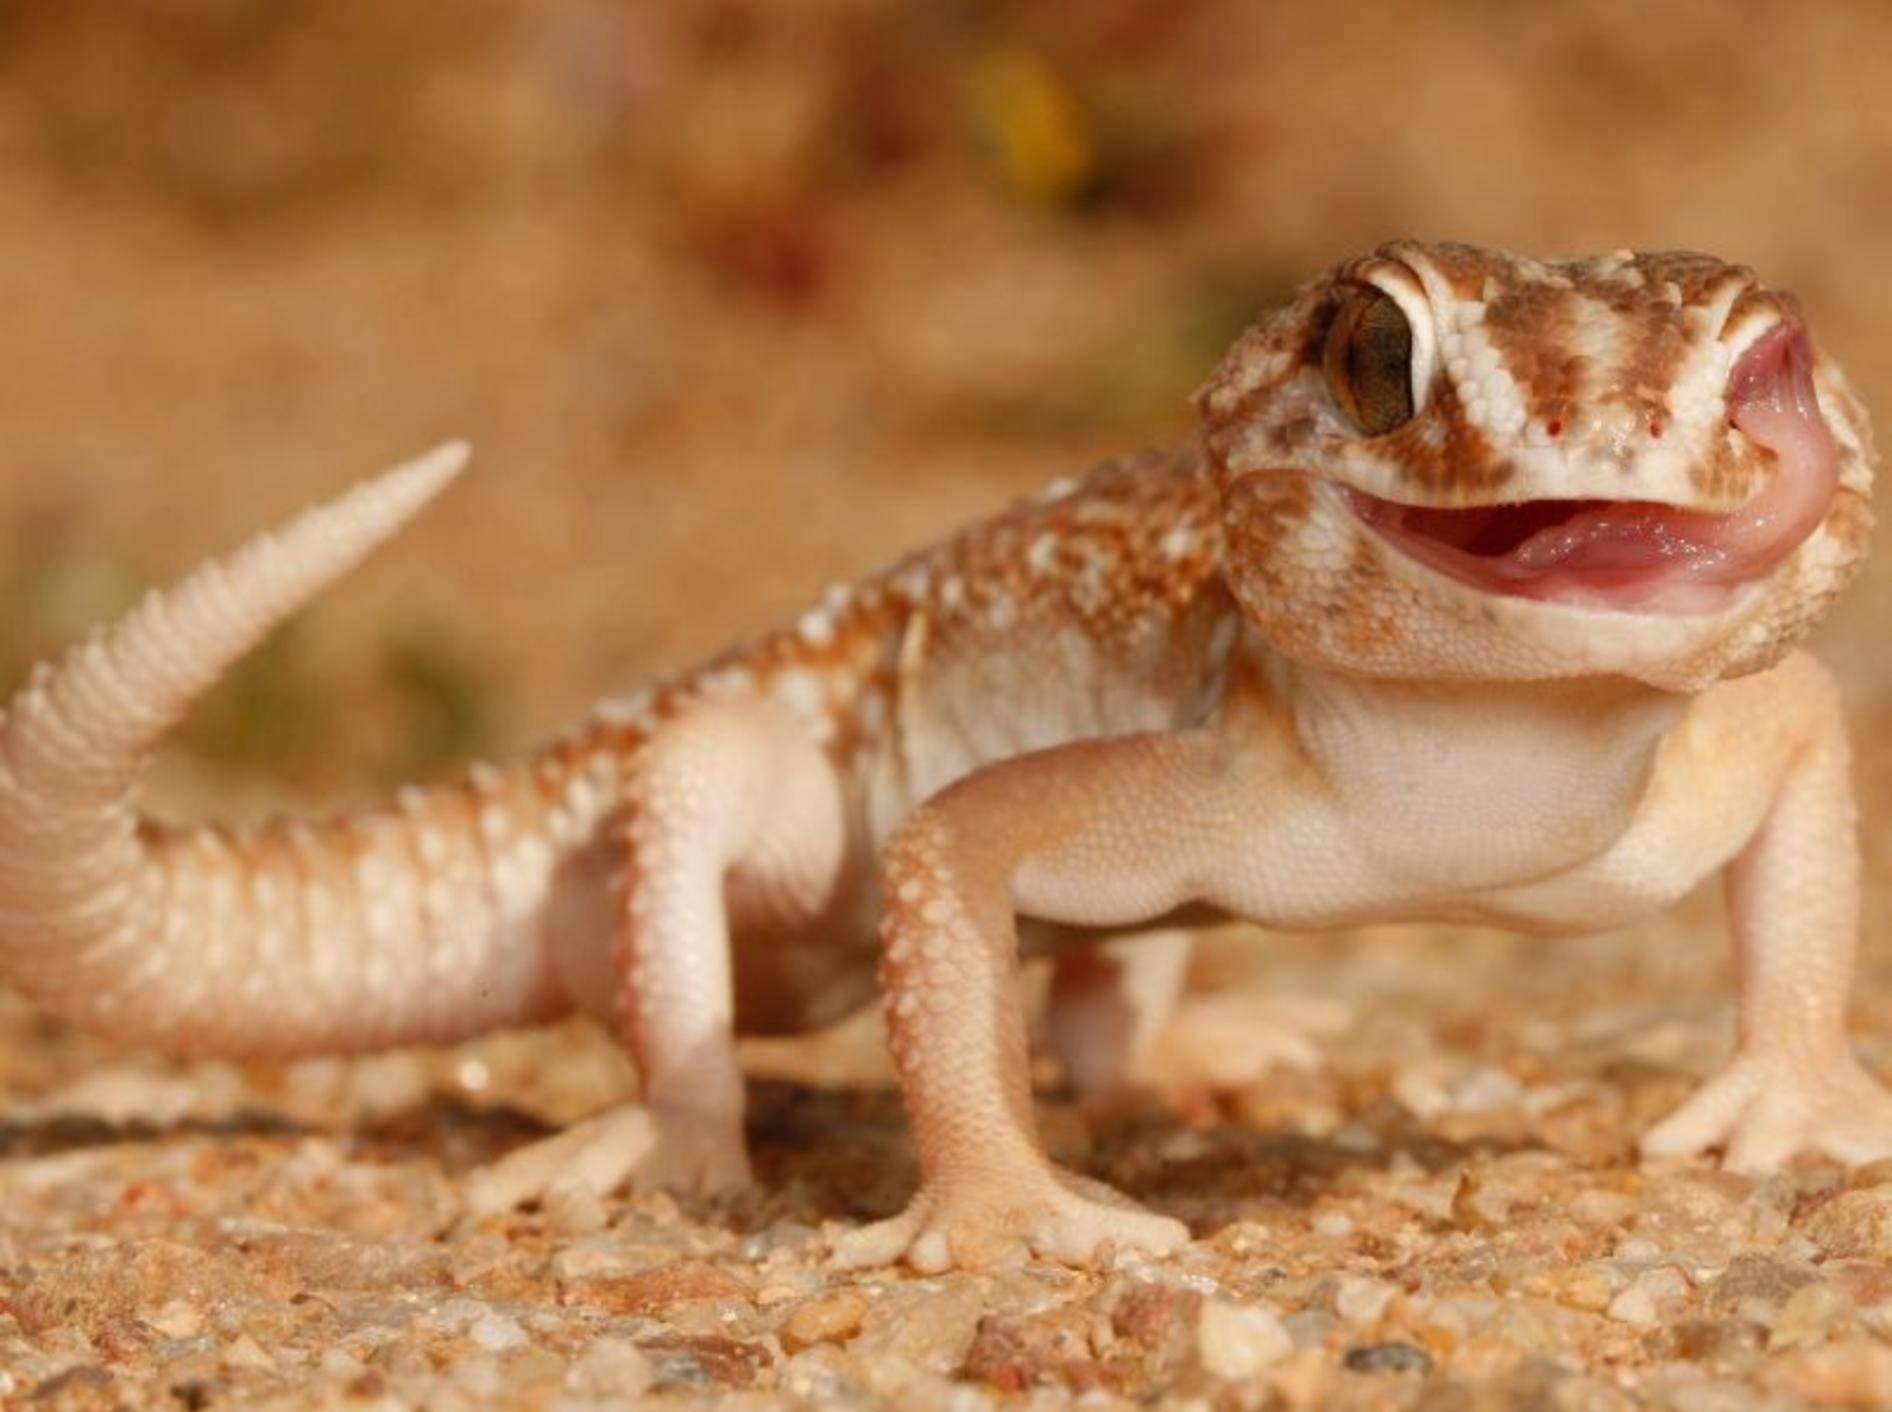 Der Sandgecko ist nachtaktiv und verbringt die heißen Mittagsstunden in seinen Gängen – Bild: Shutterstock / Andre Coetzer